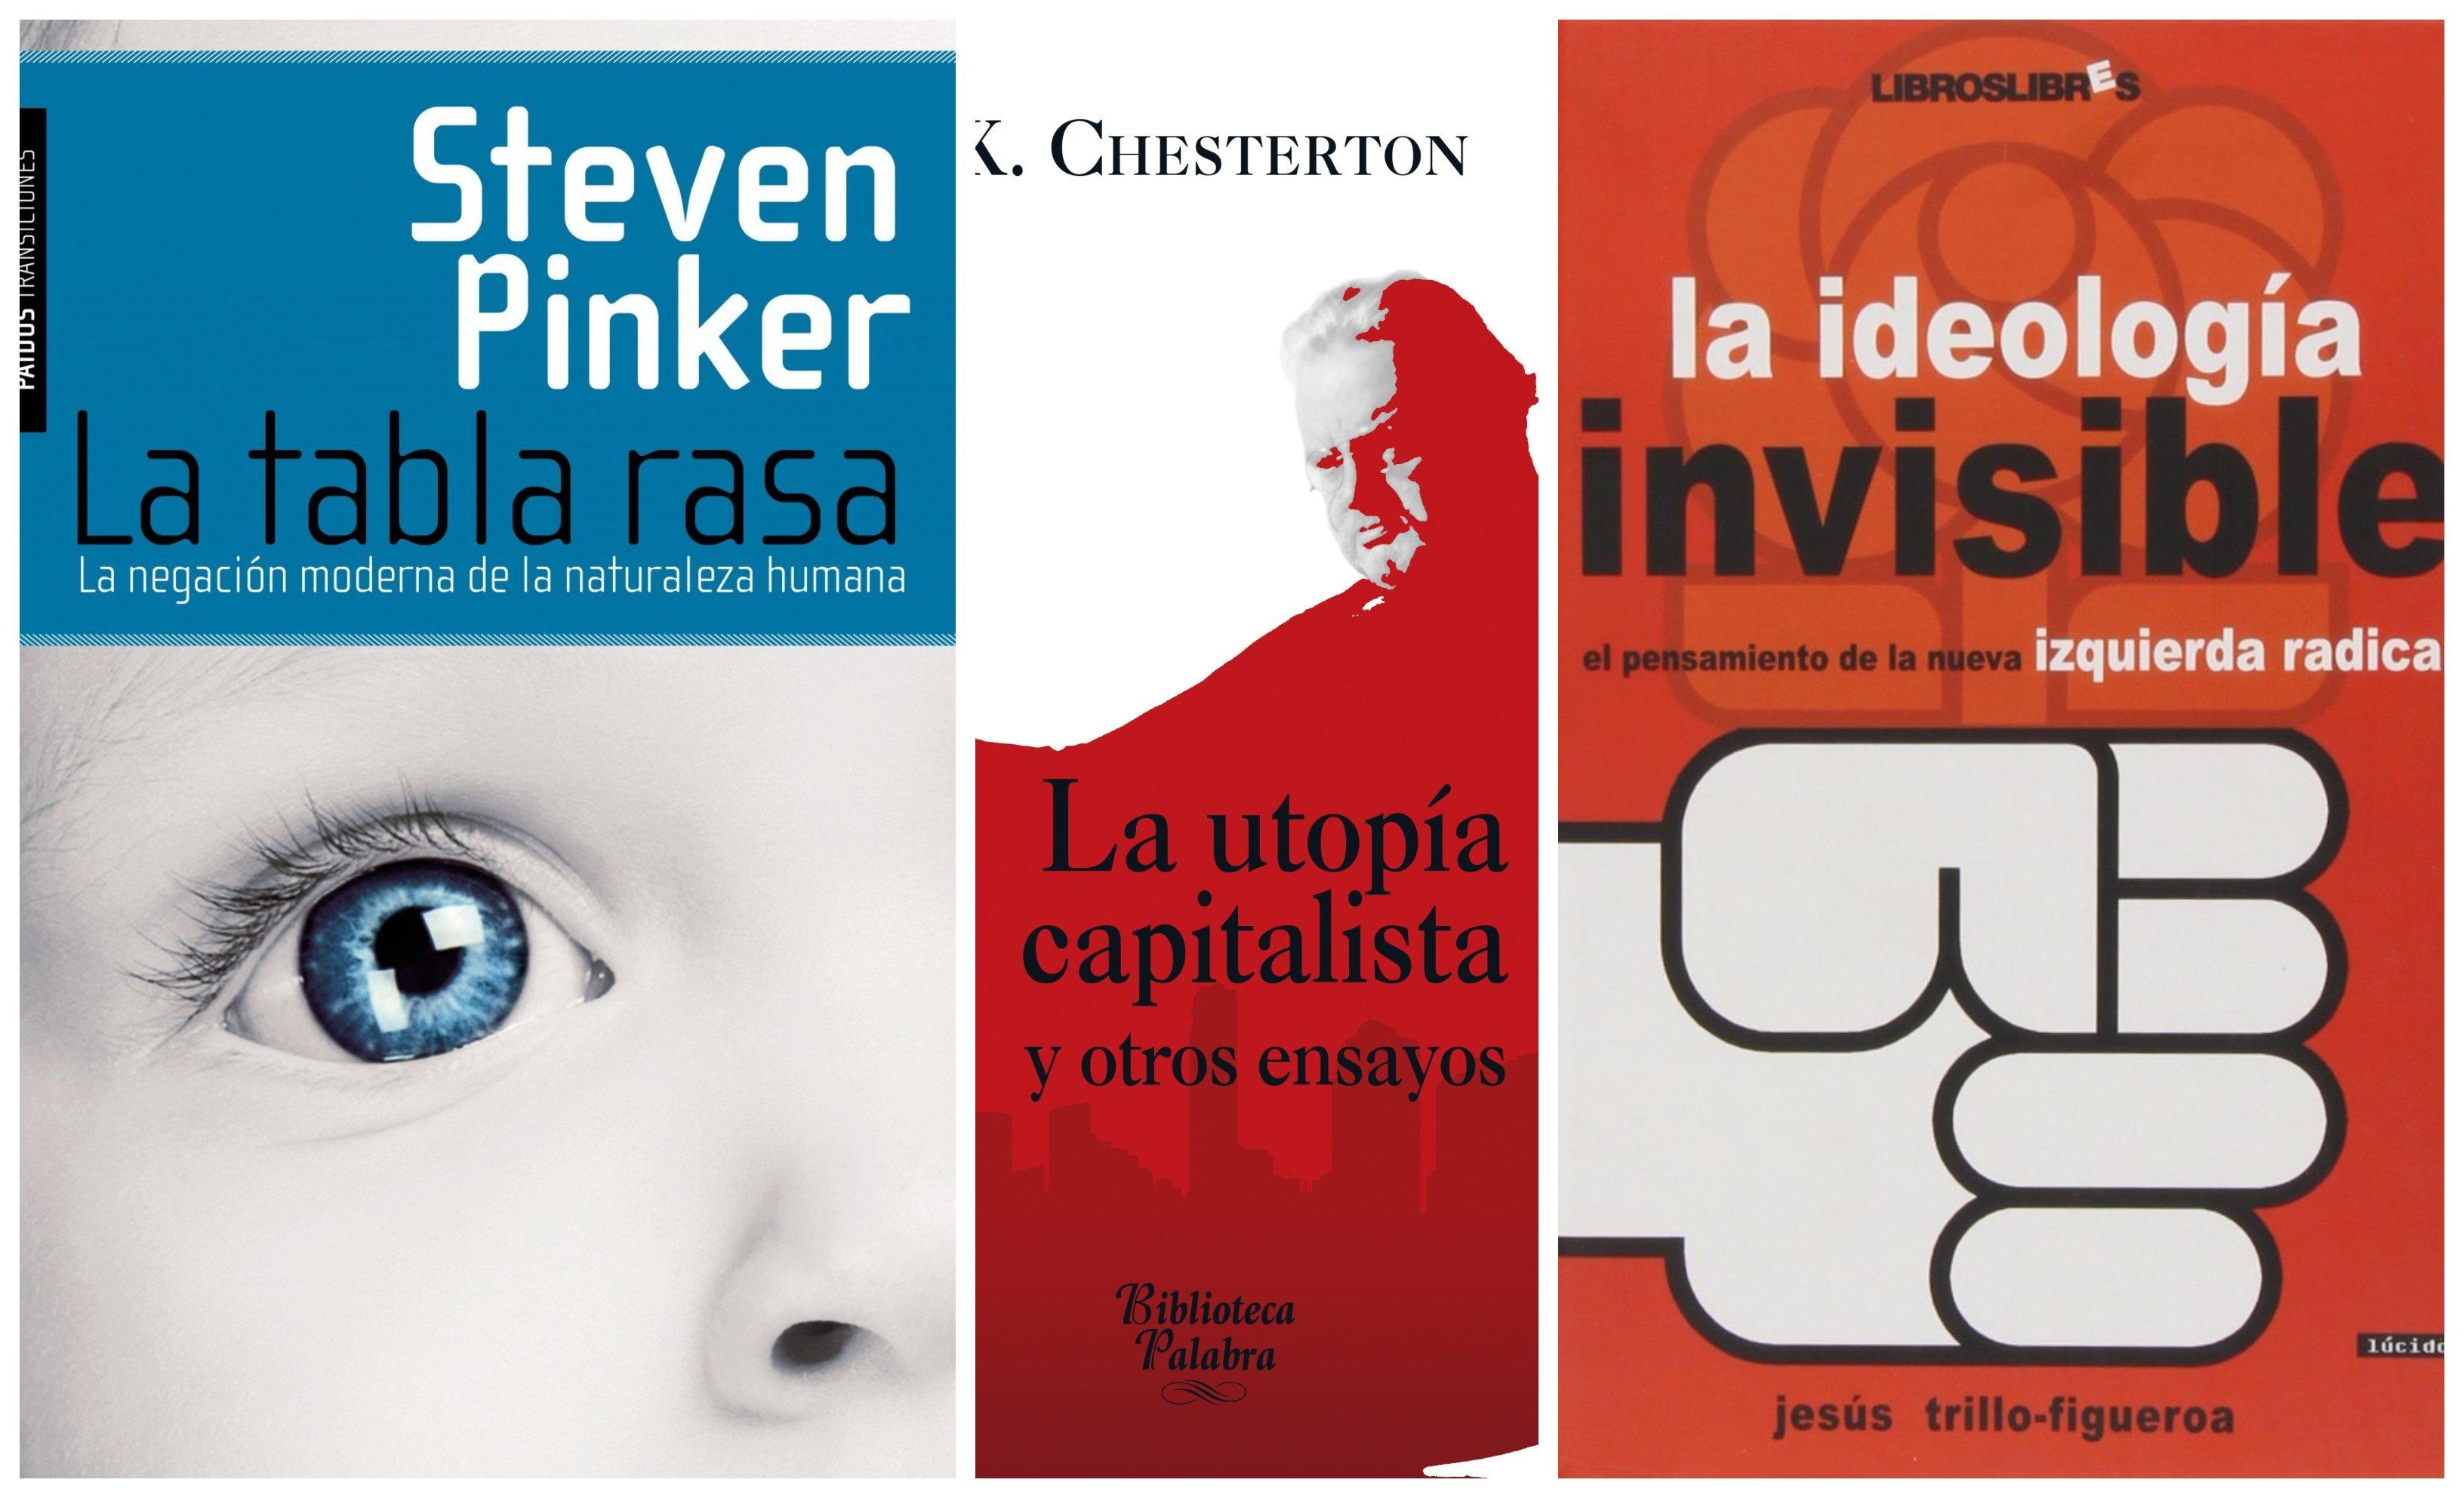 Libros recomendados de la semana